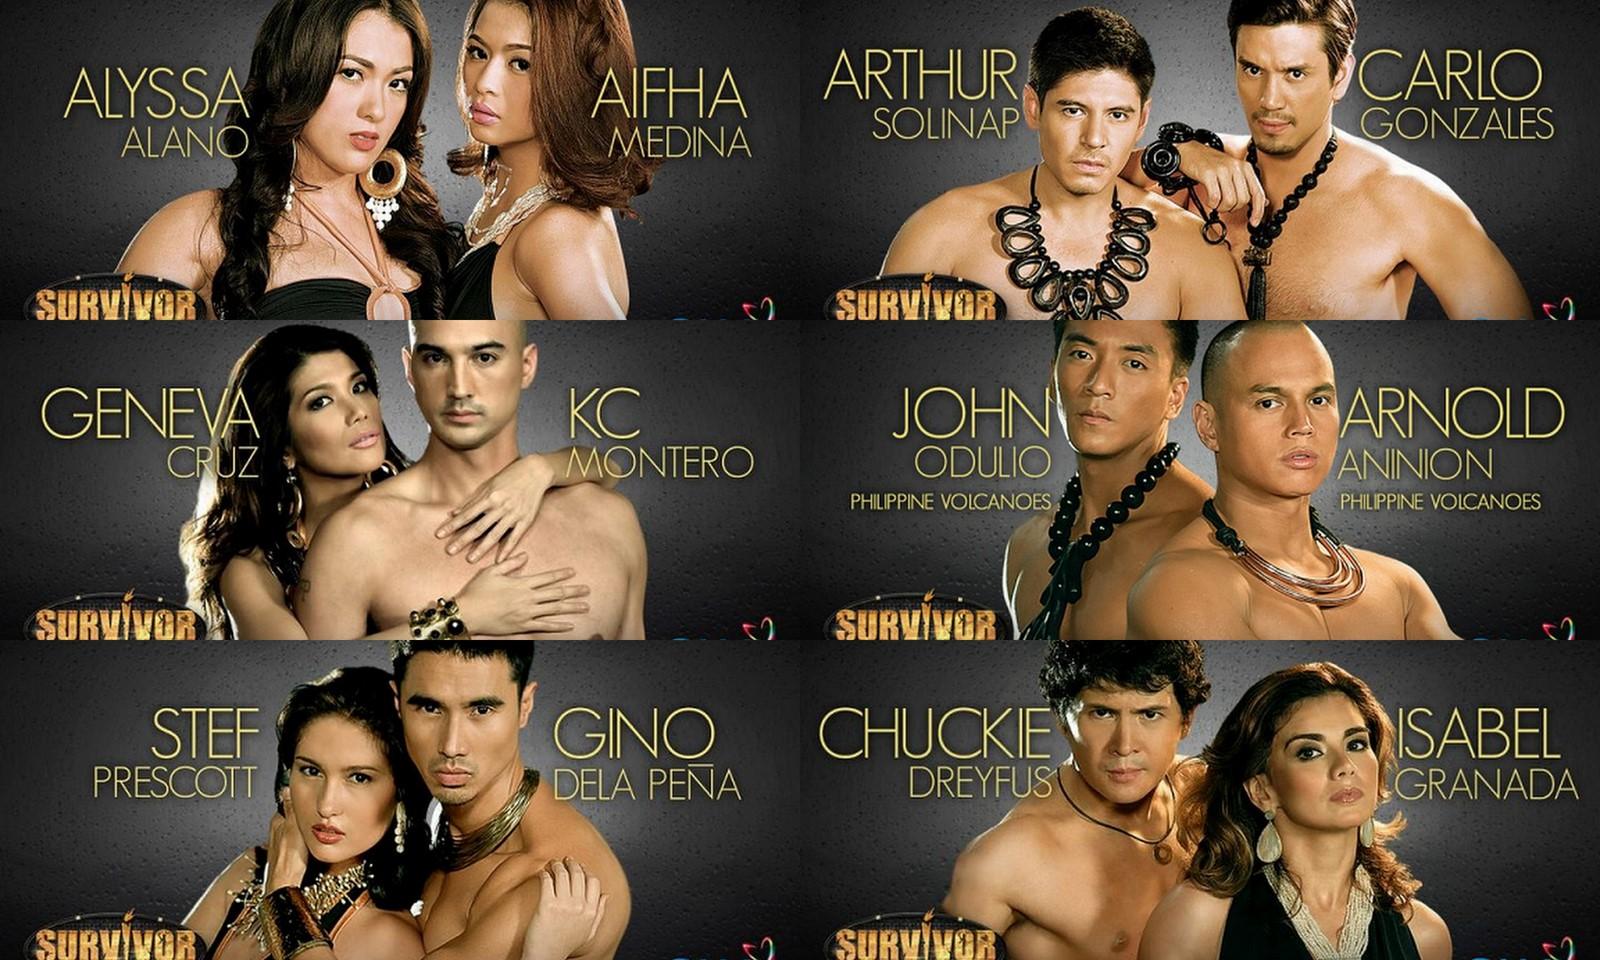 Survivor Philippines Celebrity Doubles Showdown reveals